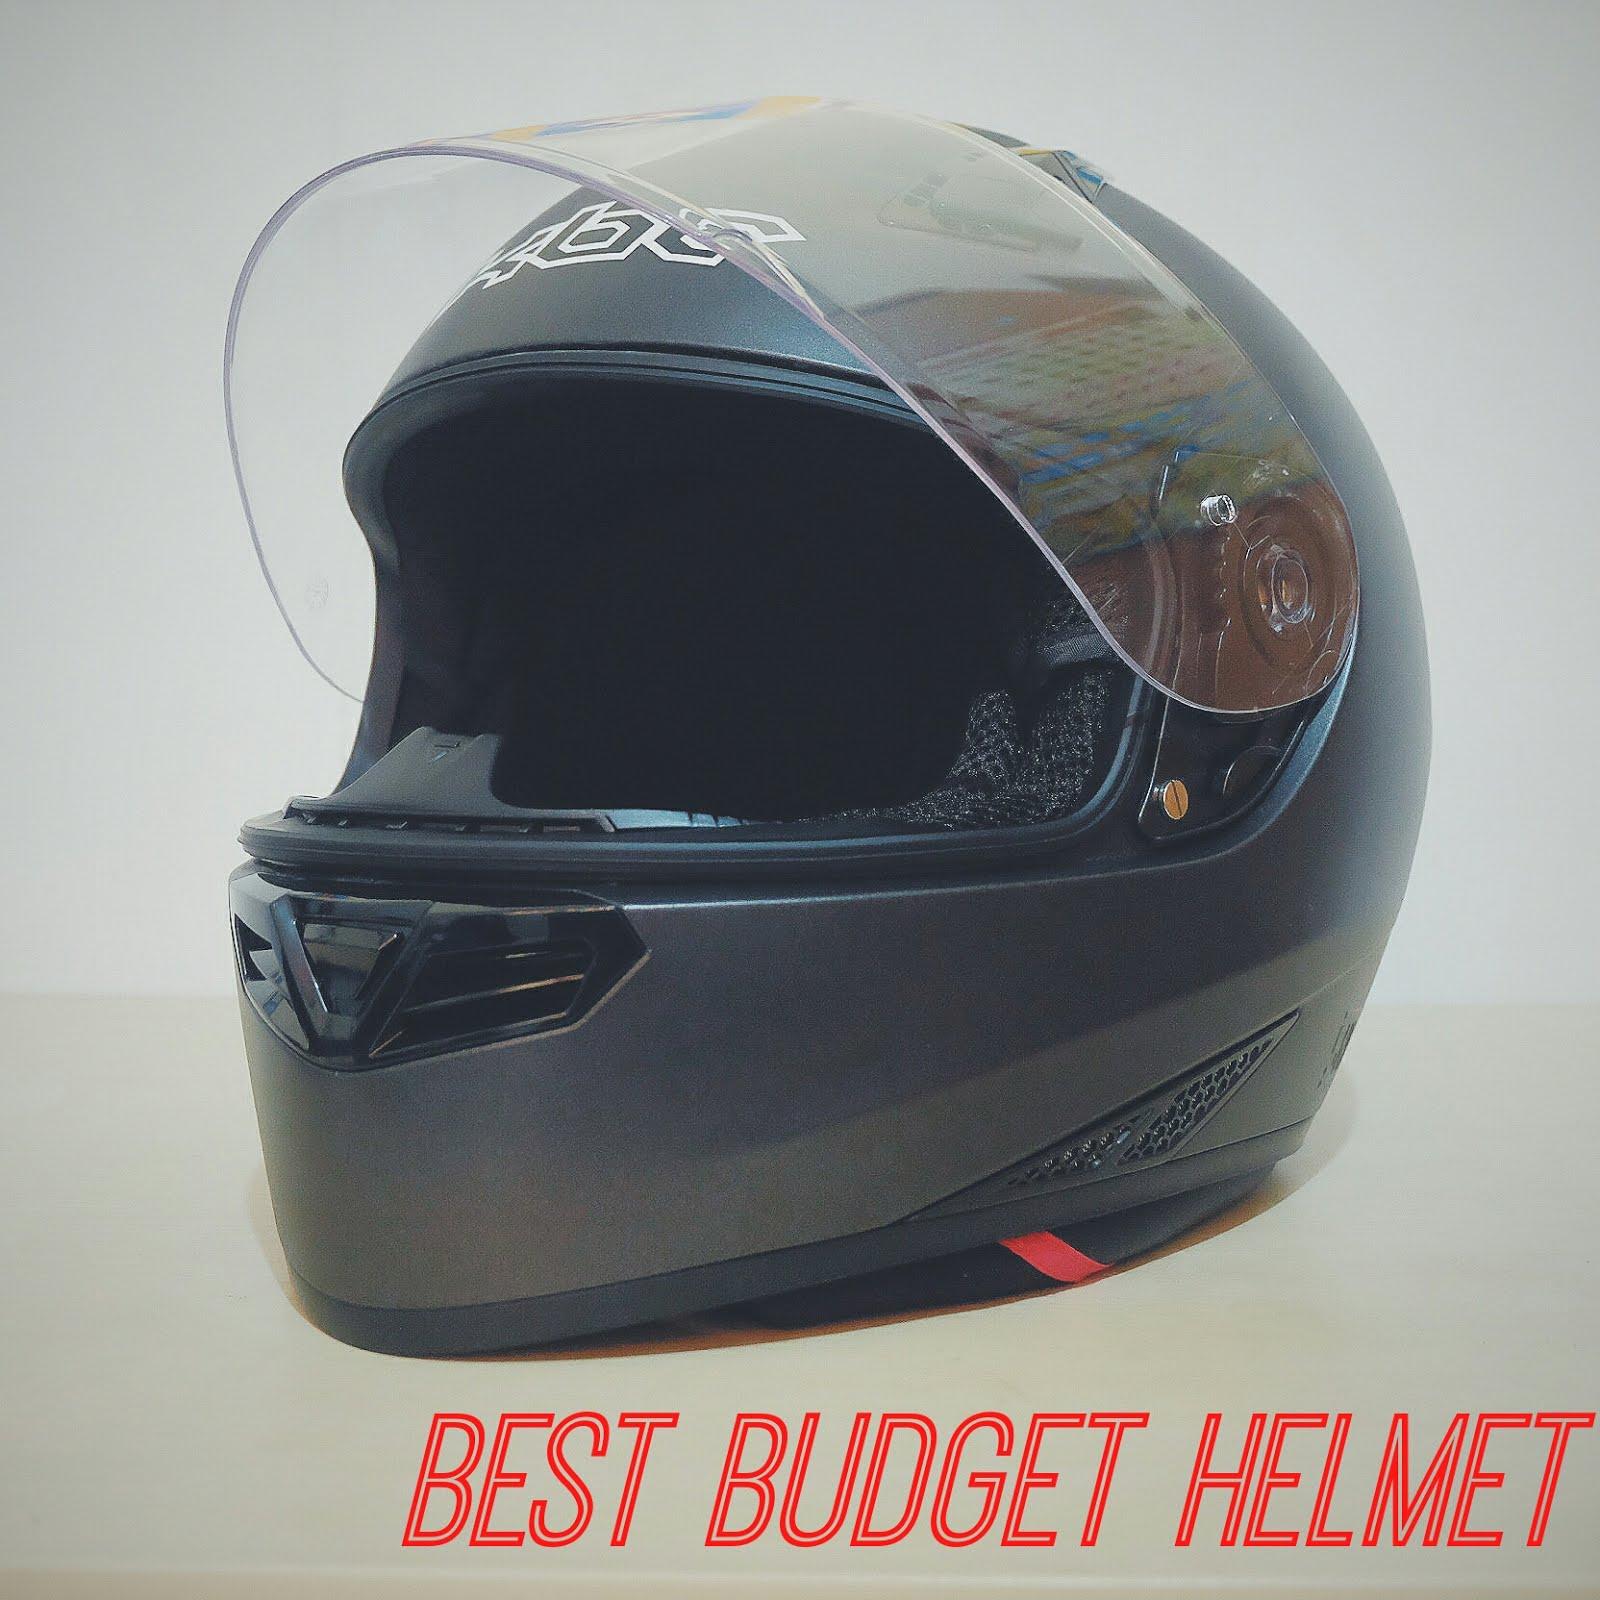 Kata Si Taka Kelebihan Dan Kekurangan Vespa Lx 150 3v Polini Kanvas Kopling Untuk Px 125 Best Budget Helmet Helm Full Face Dibawah 1 Juta